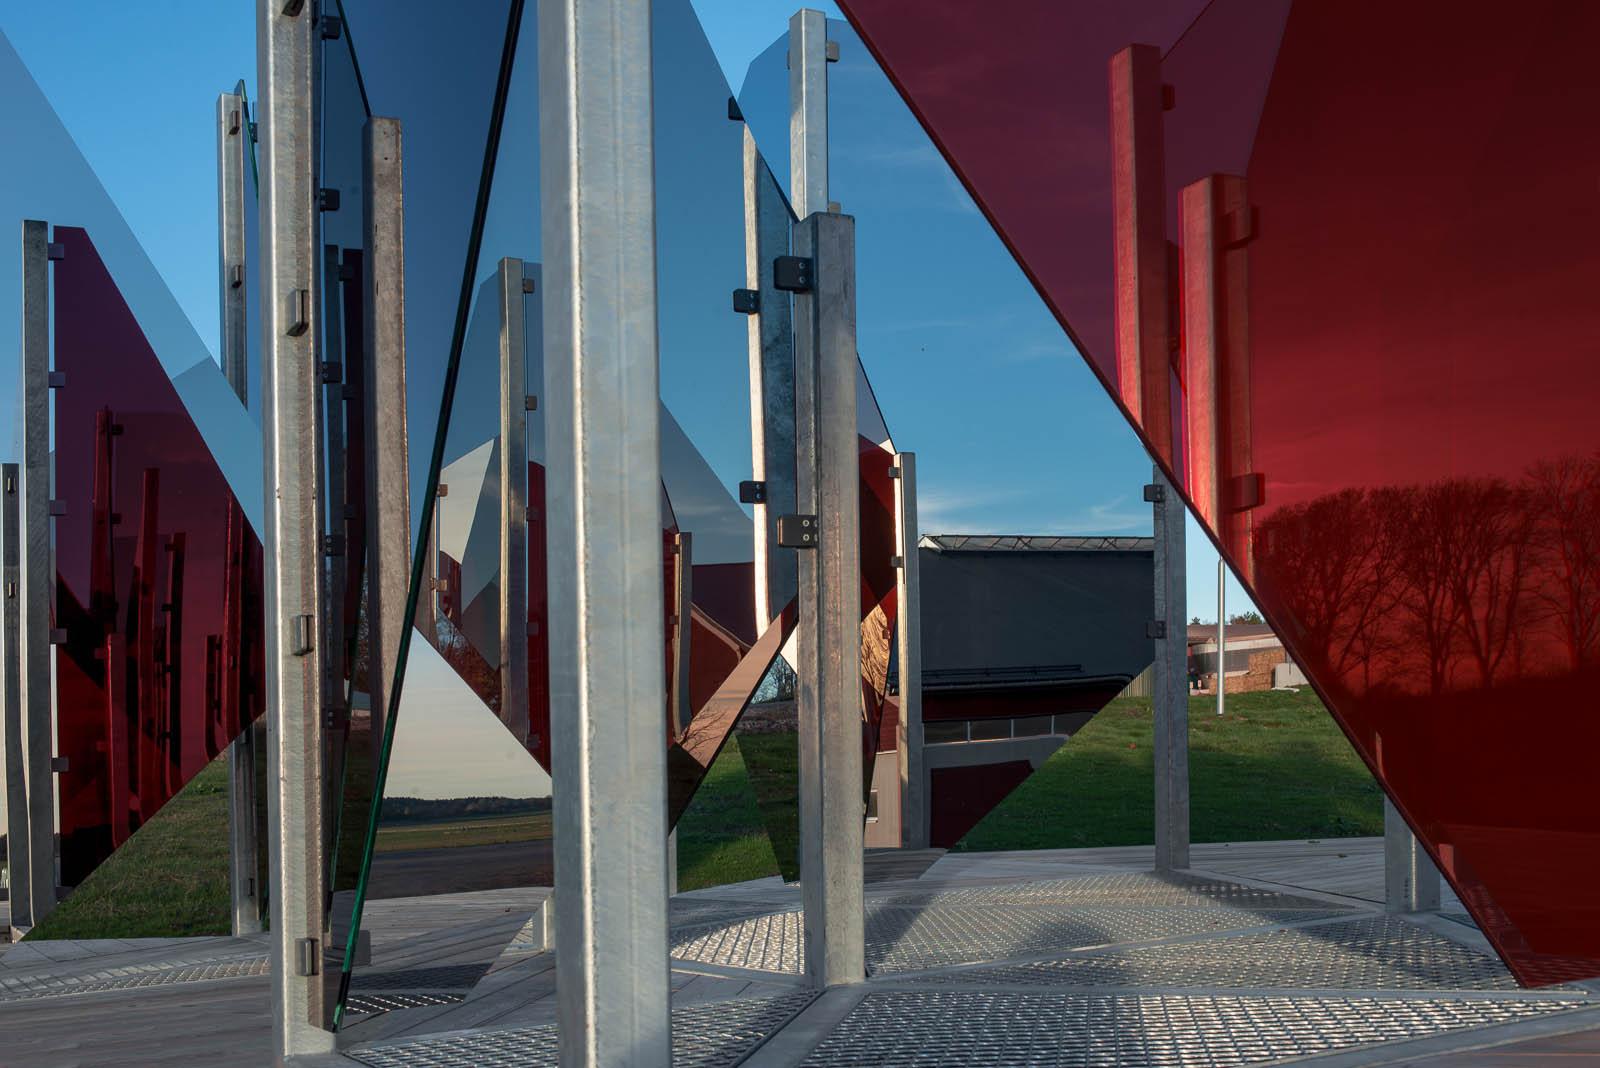 Del av verket. Röda och vita glasskivor fästa på metallstänger. Patrik Aarnivaara, Tidsglänta, 2013.